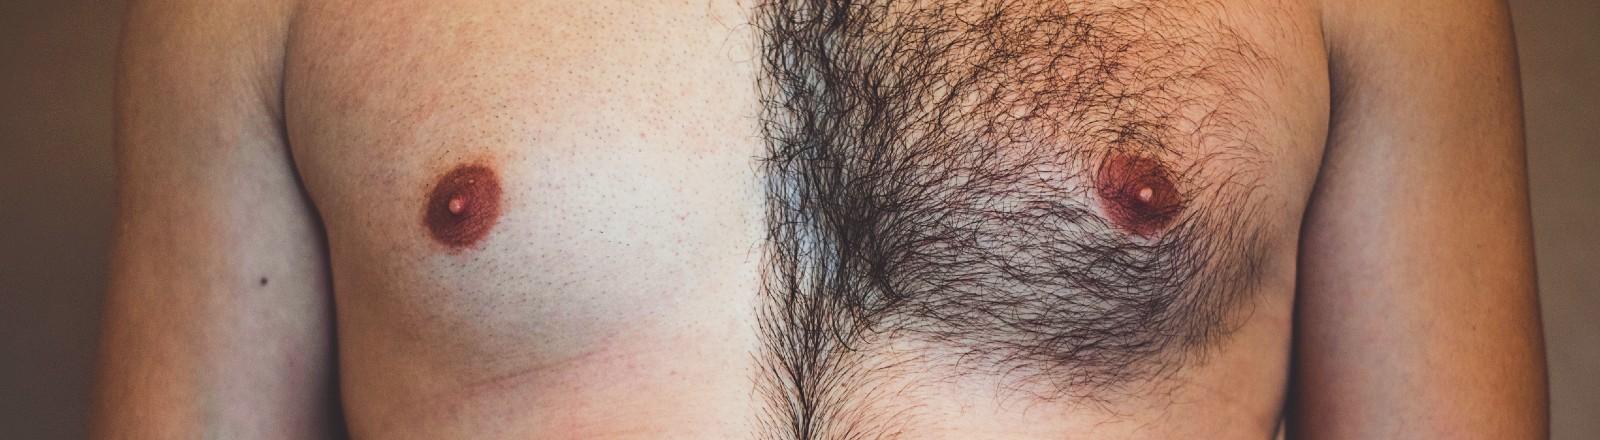 Ein Oberkörper eines Mannes - nackt. Die eine Hälfte der Brust ist rasiert, die andere nicht.